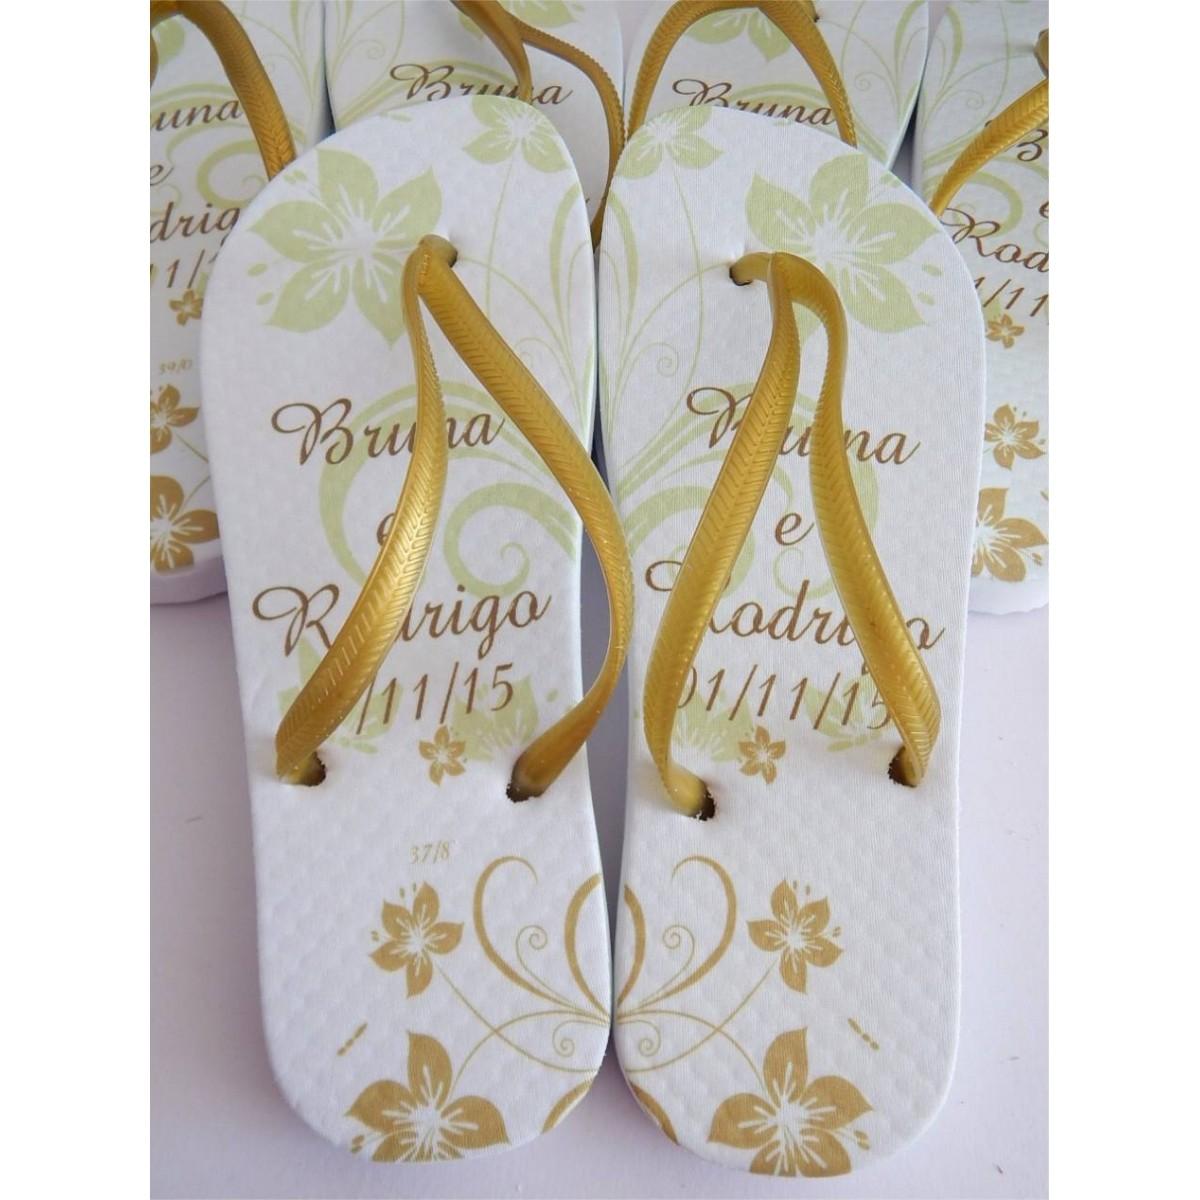 Chinelo Personalizado - Casamento ou Madrinha/Padrinho- Kit 10 Pares  - Super Tri Shop - Bolas - Utilidades - Presentes